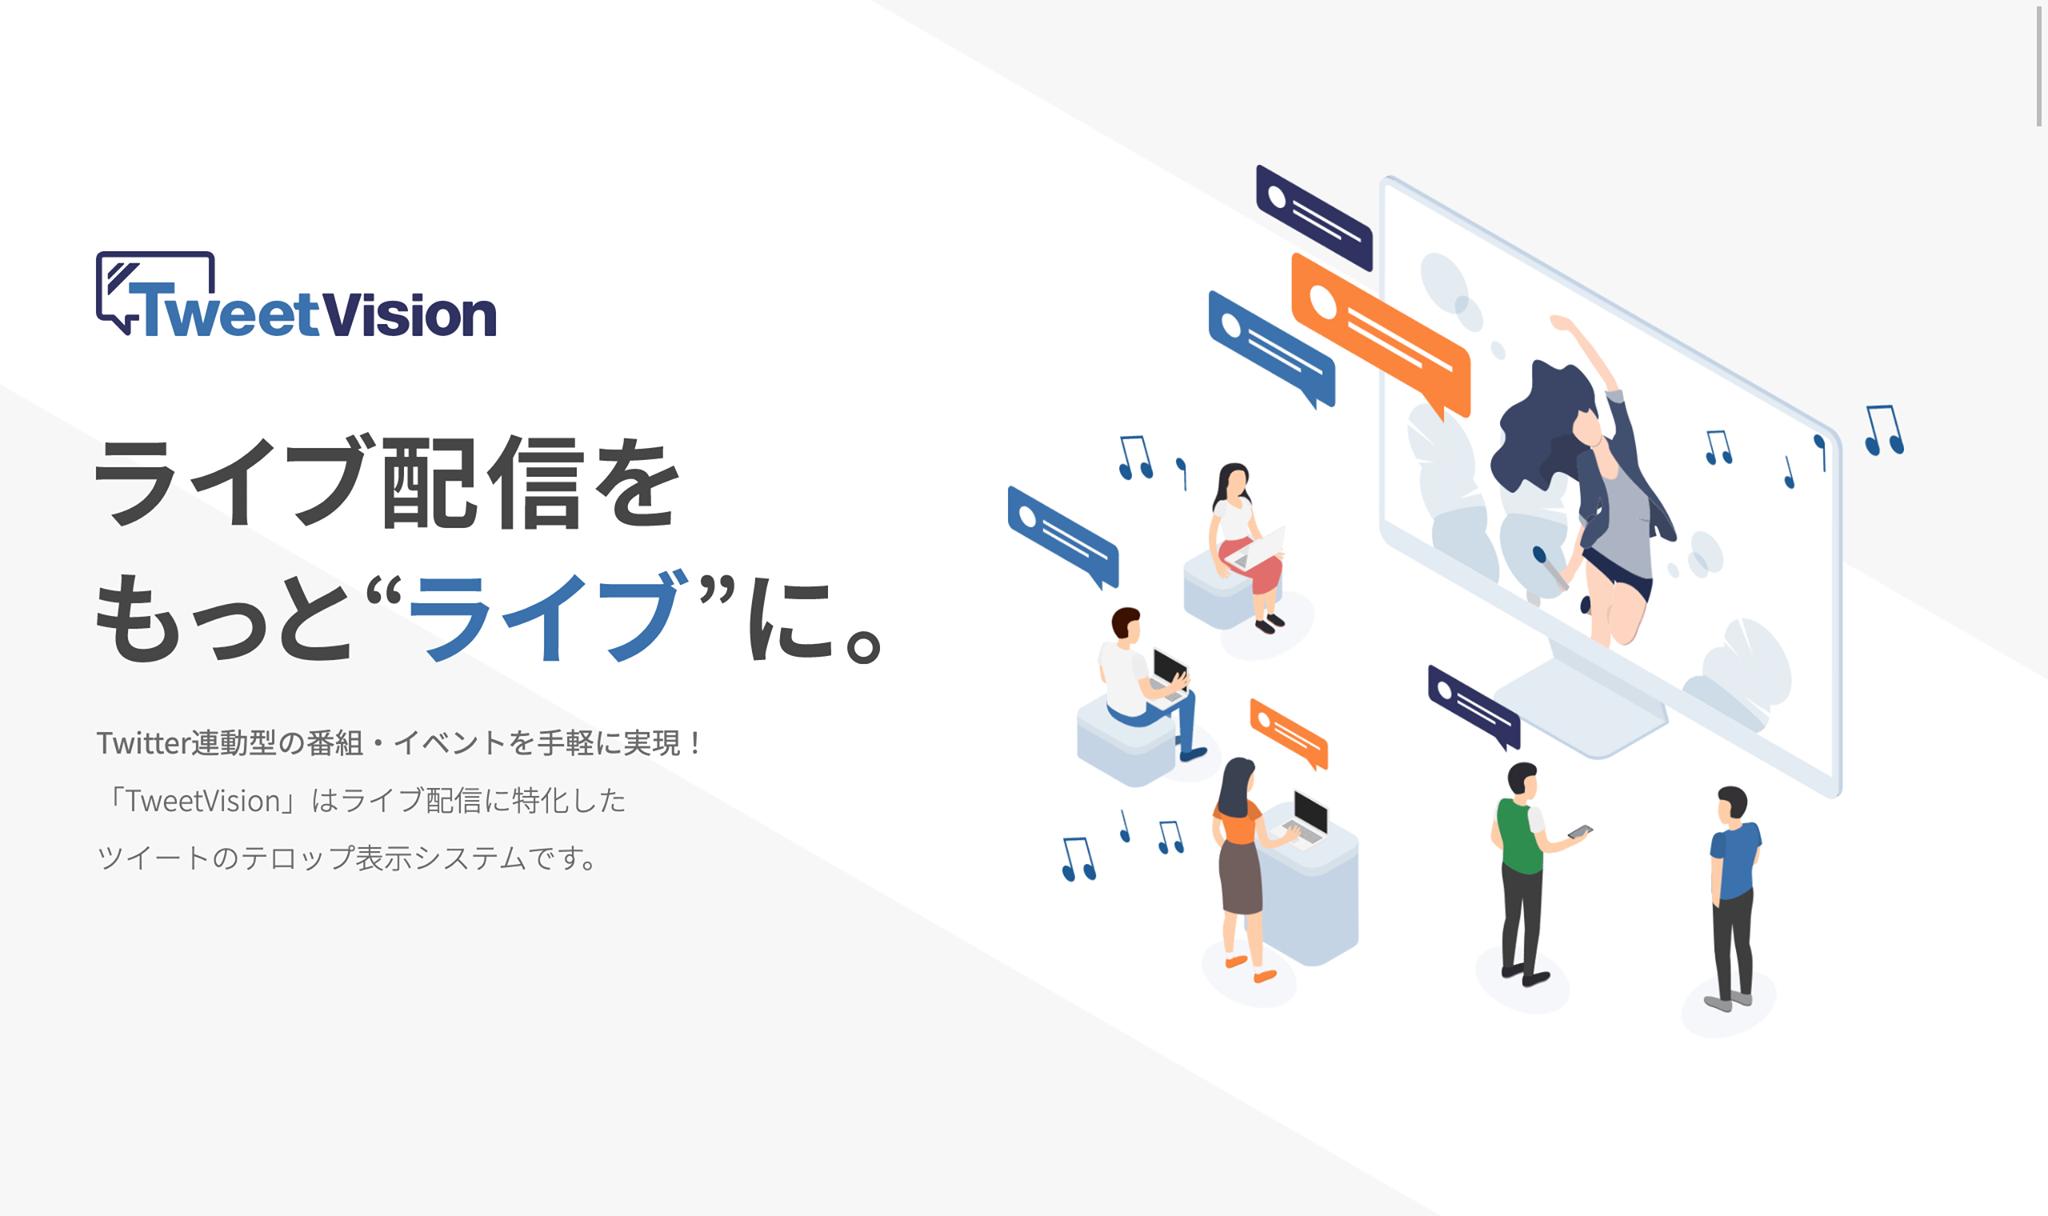 TweetVision(ツイートビジョン)